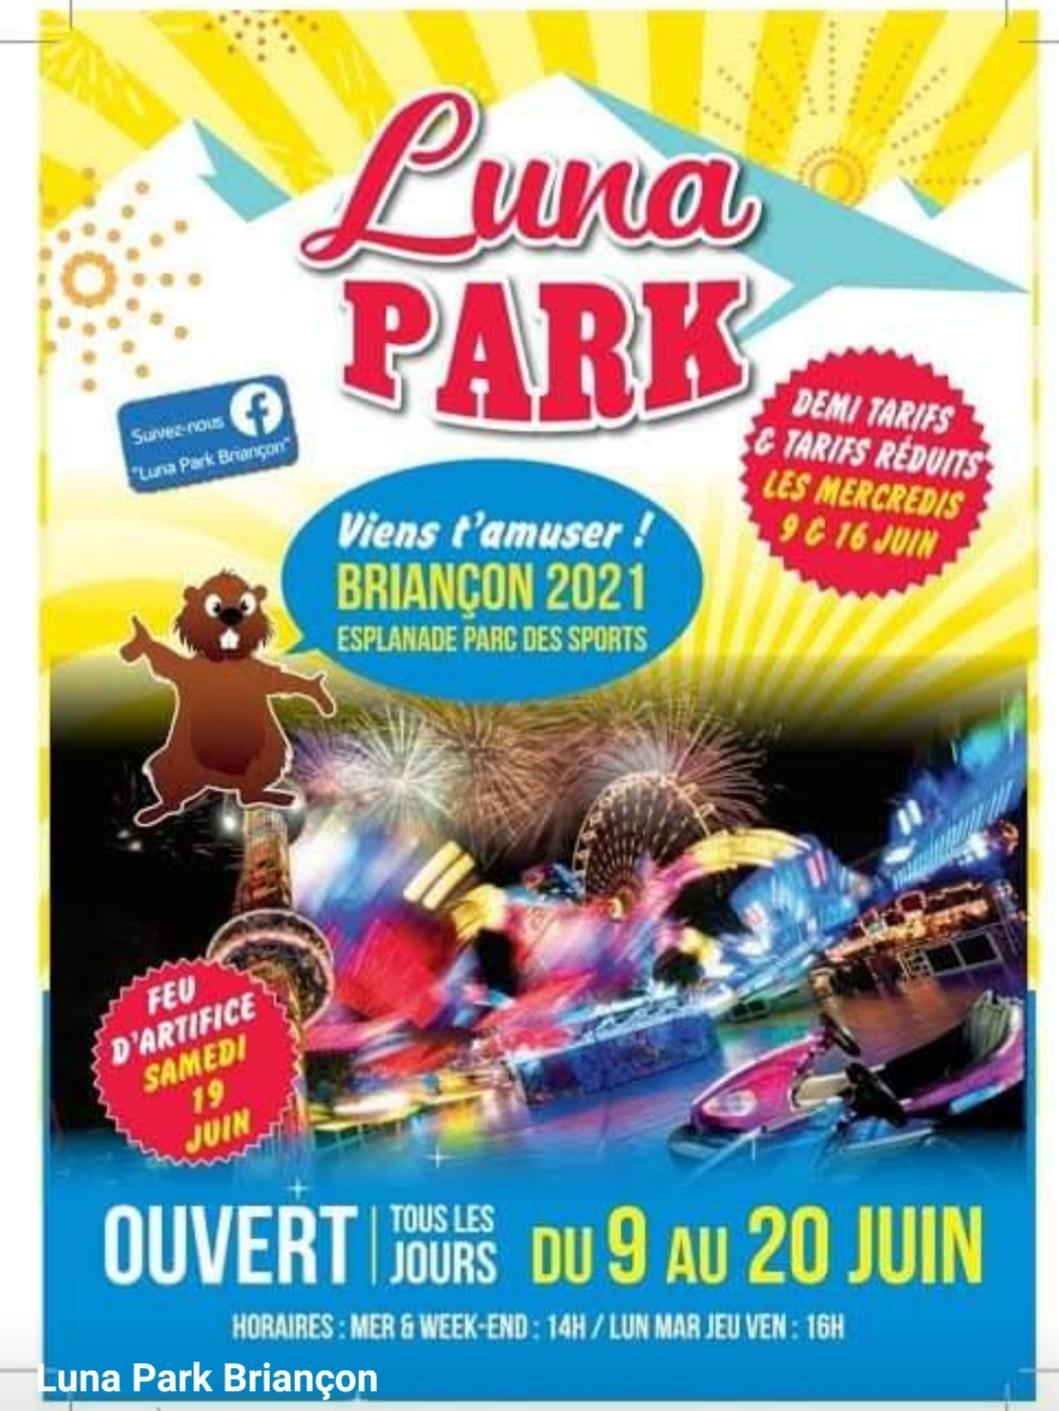 Le Luna park Briançon est de retour : des attractions pour tous !